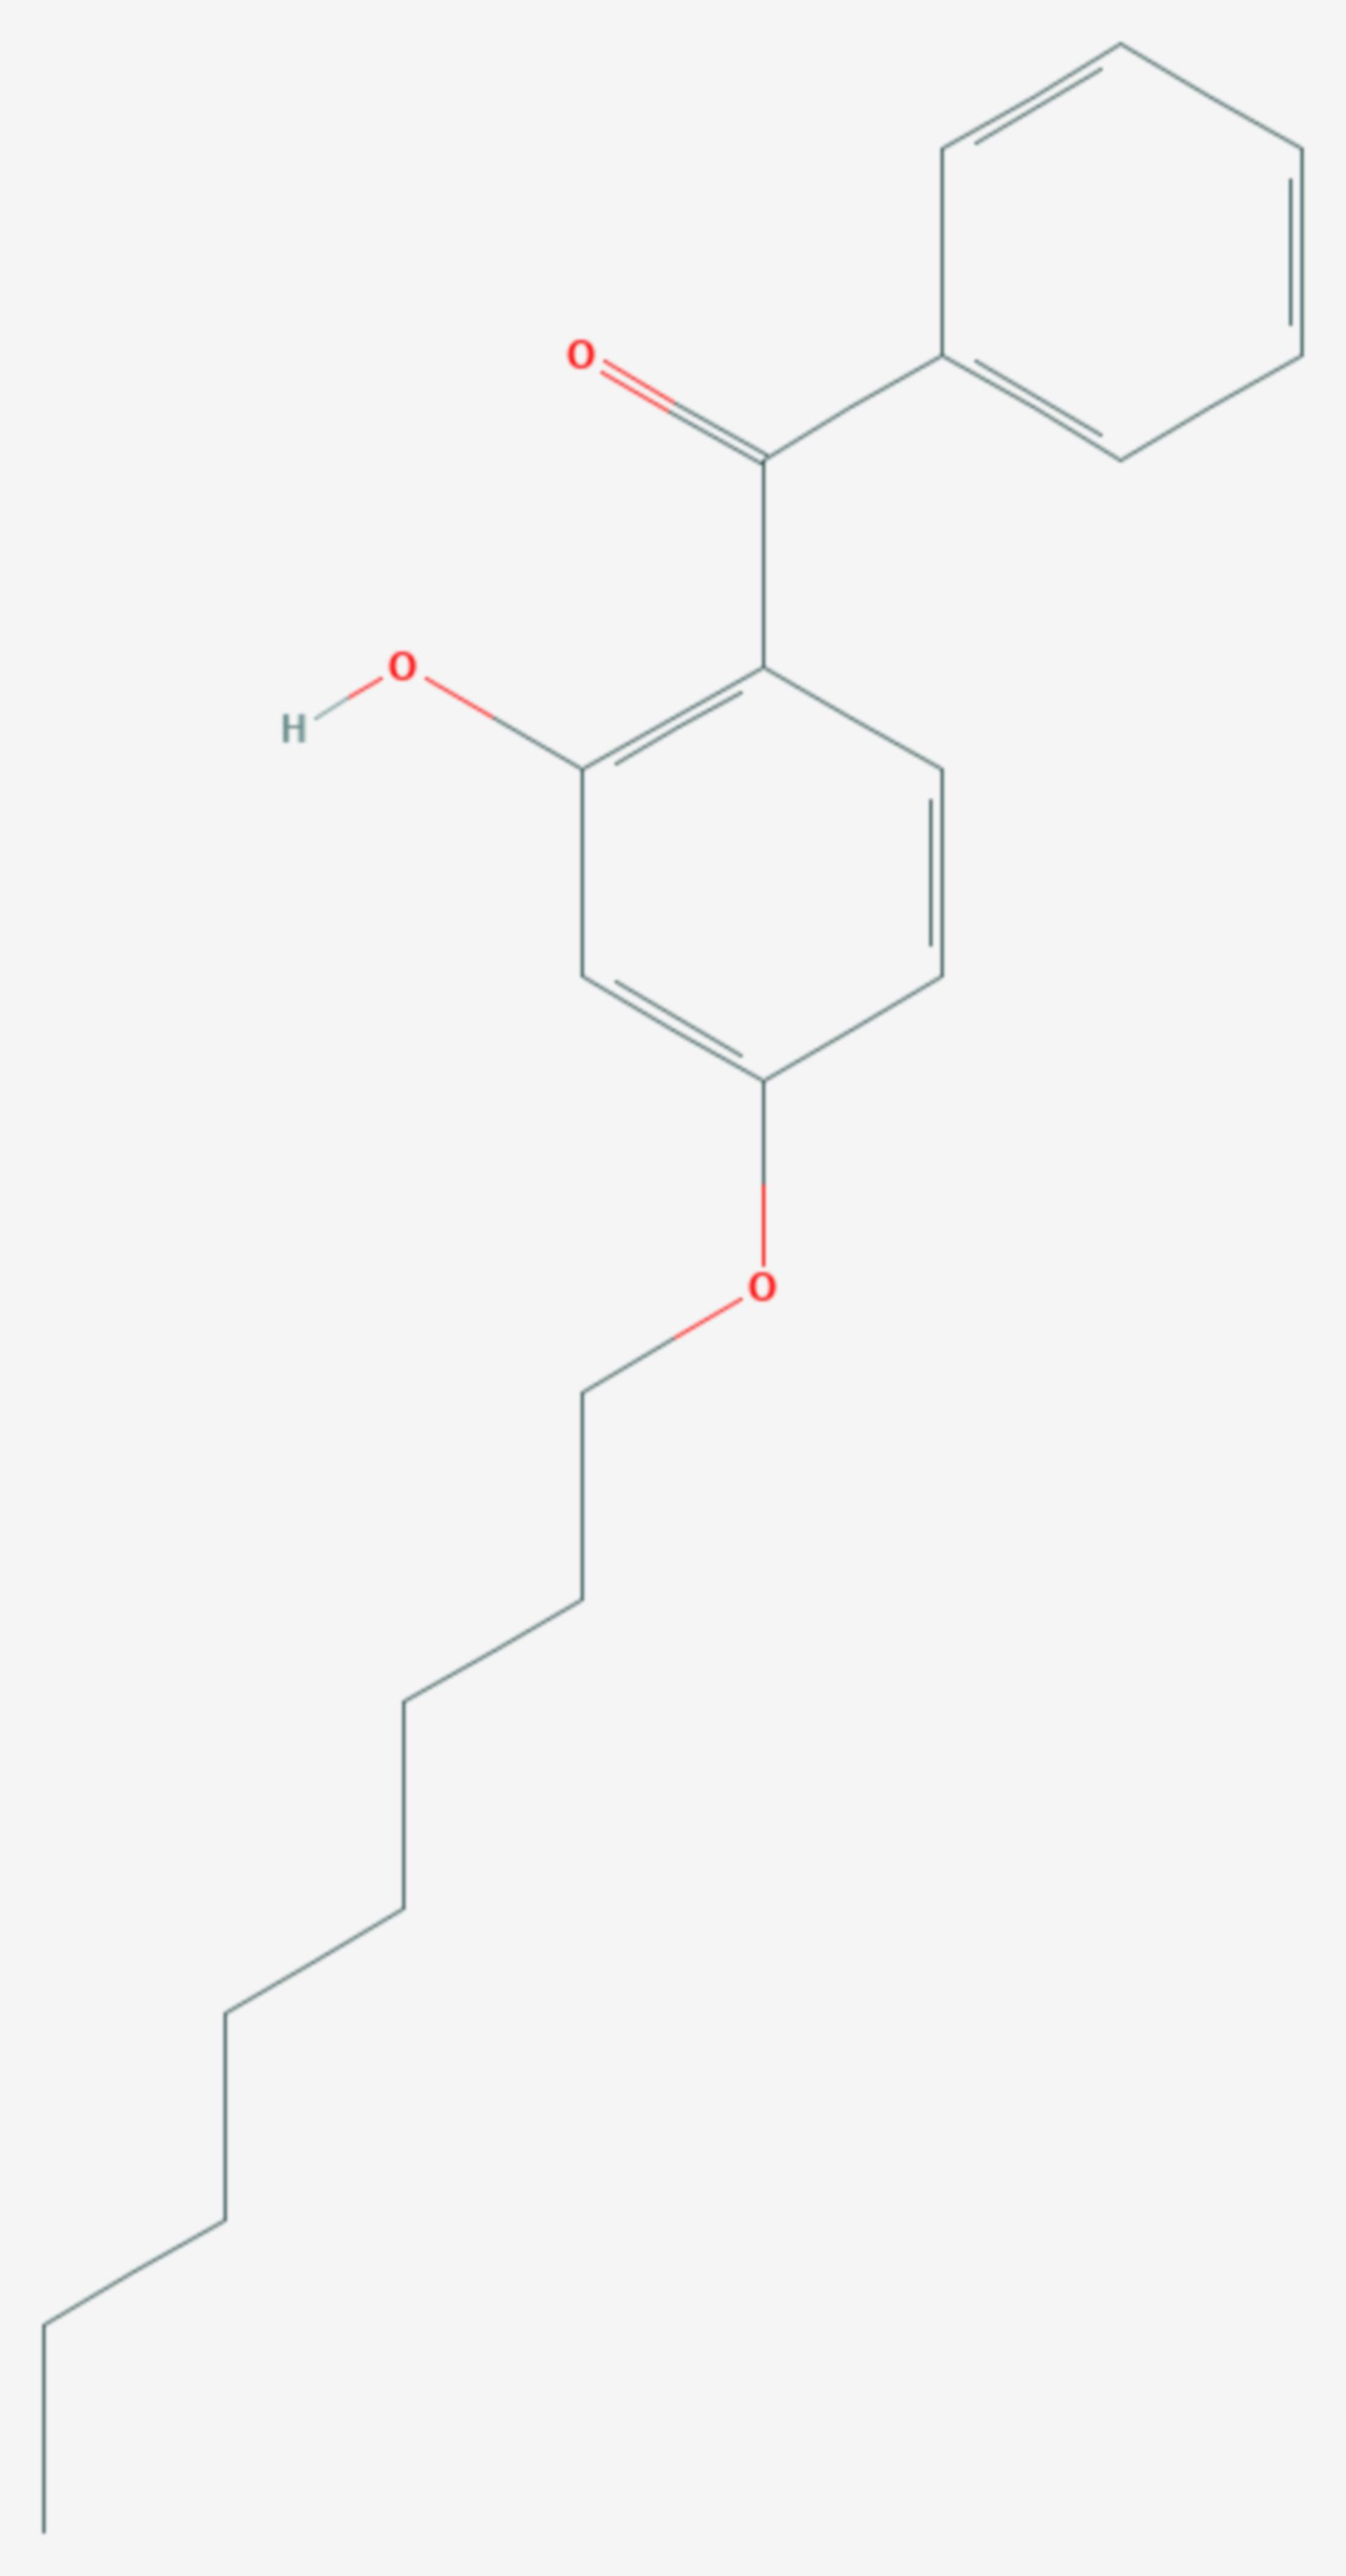 Octabenzon (Strukturformel)